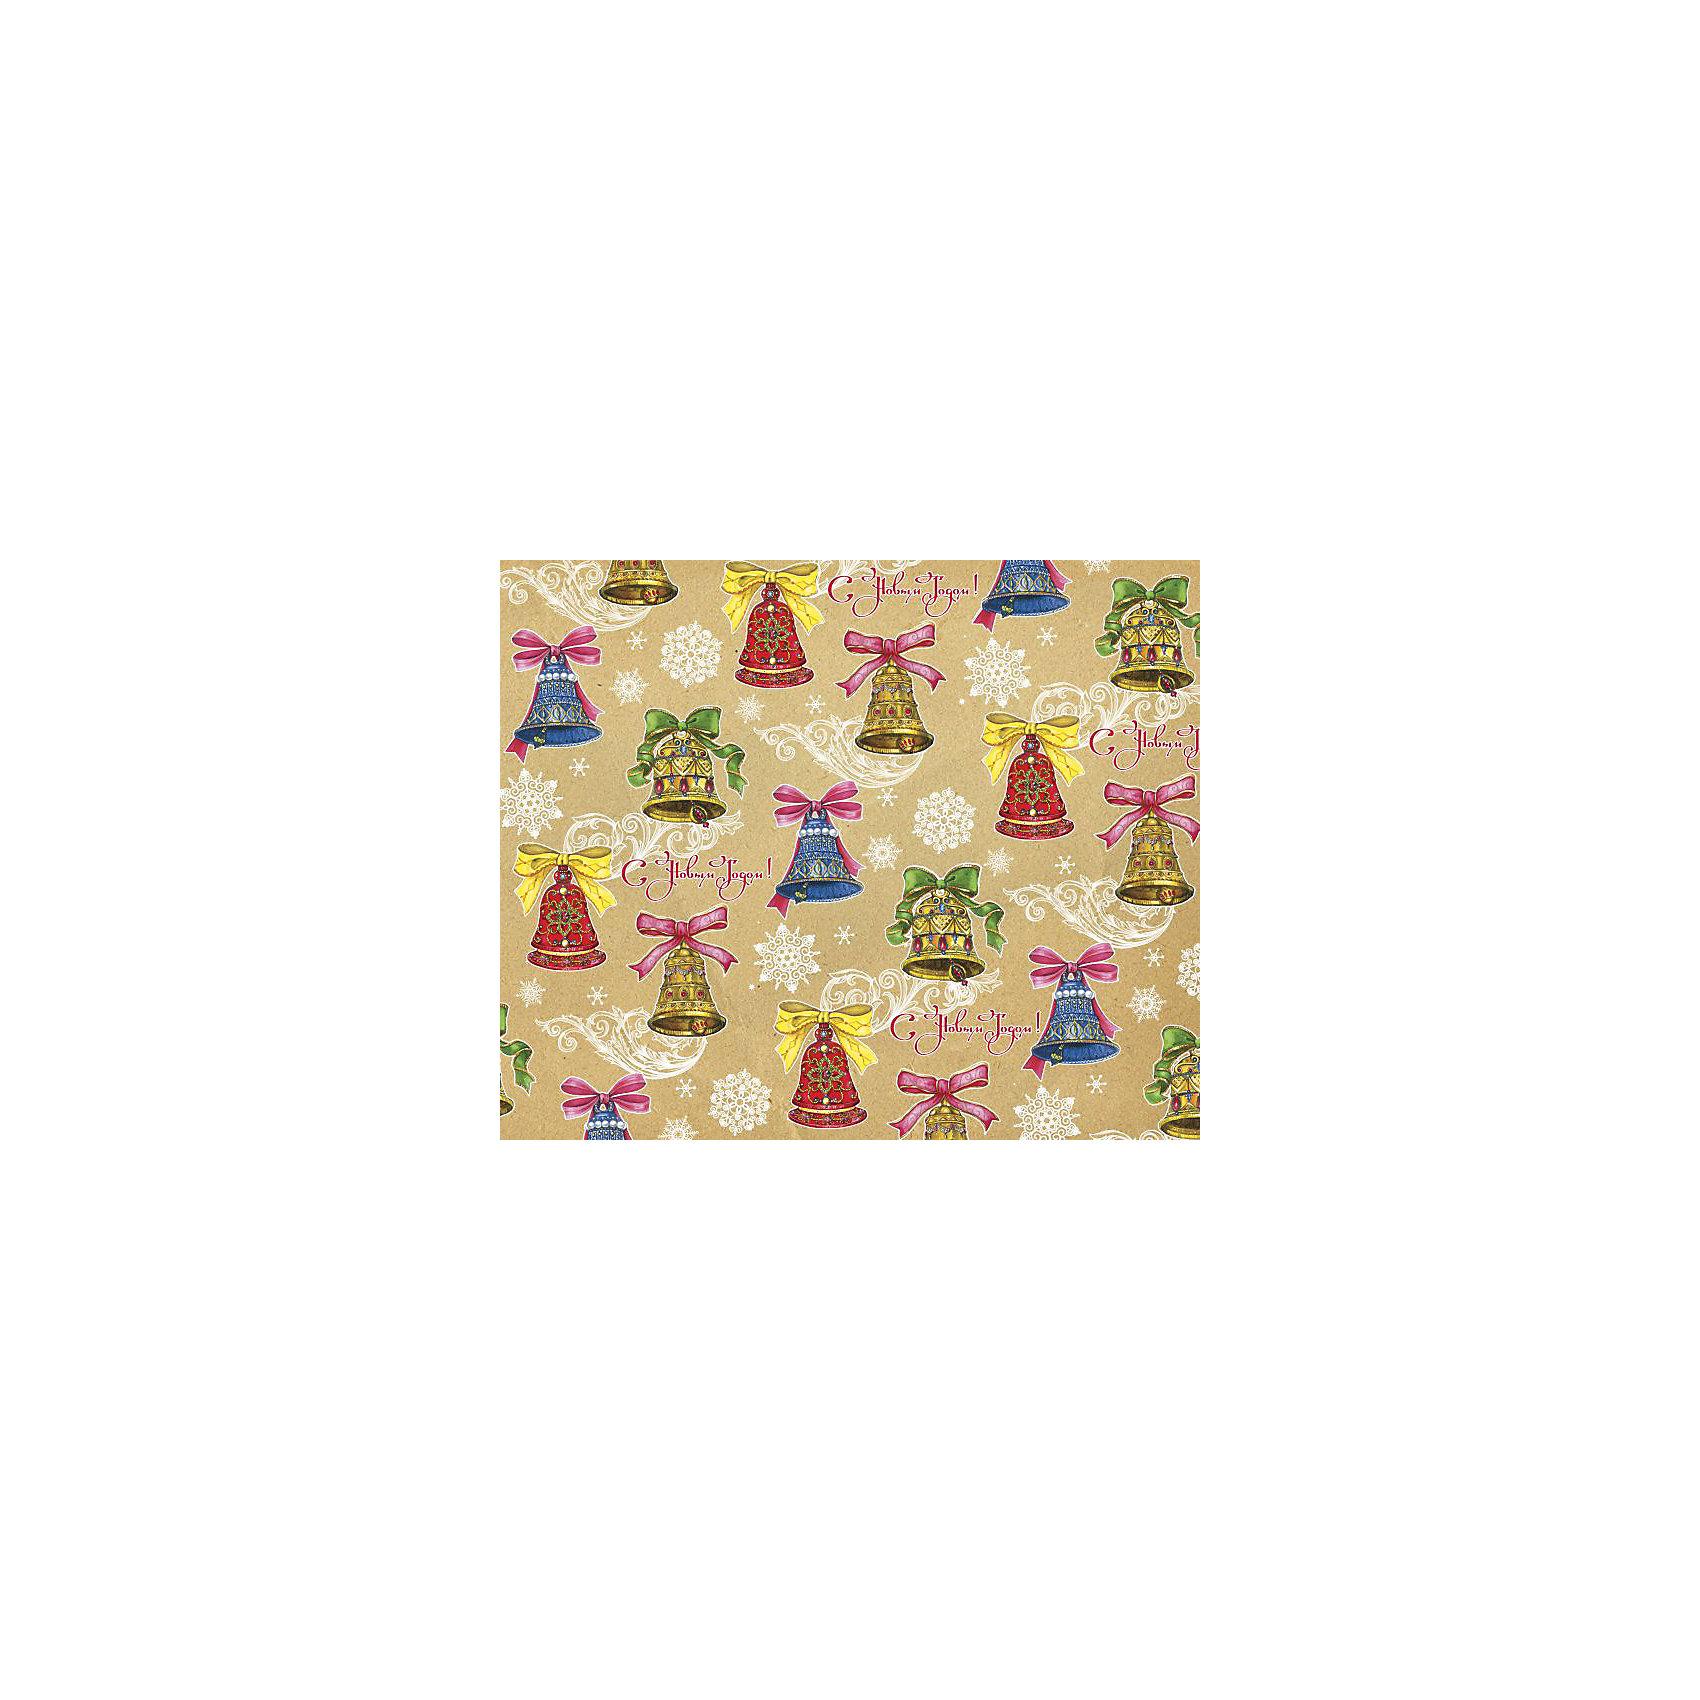 Крафт бумага Колокольчики с бантами для сувенирной продукции от myToys